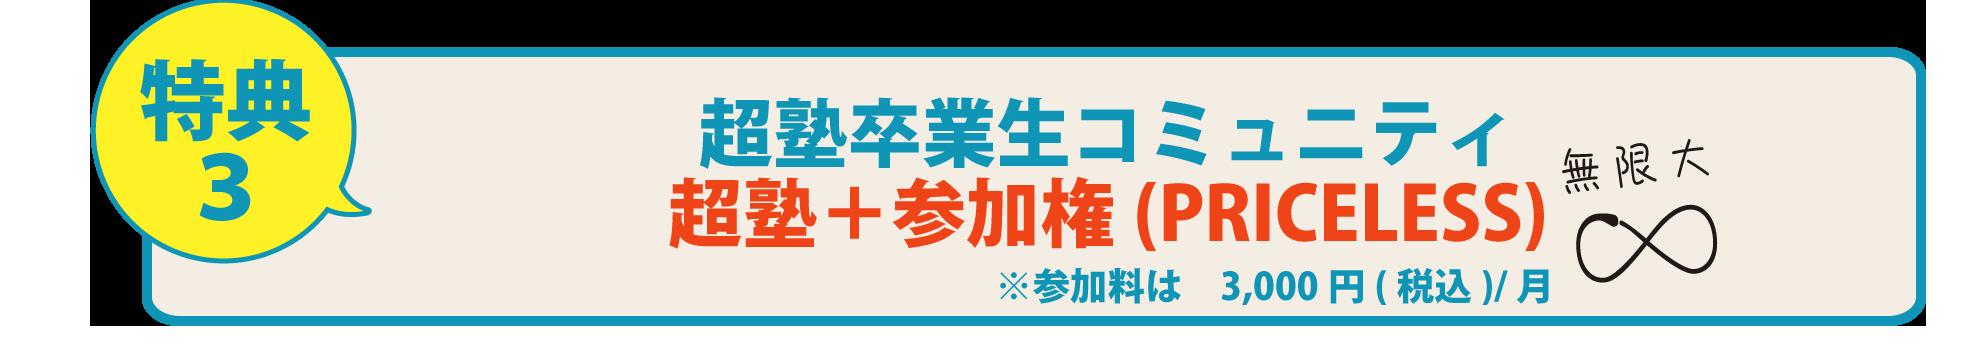 特典3:超塾卒業生コミュニティ超塾+参加権